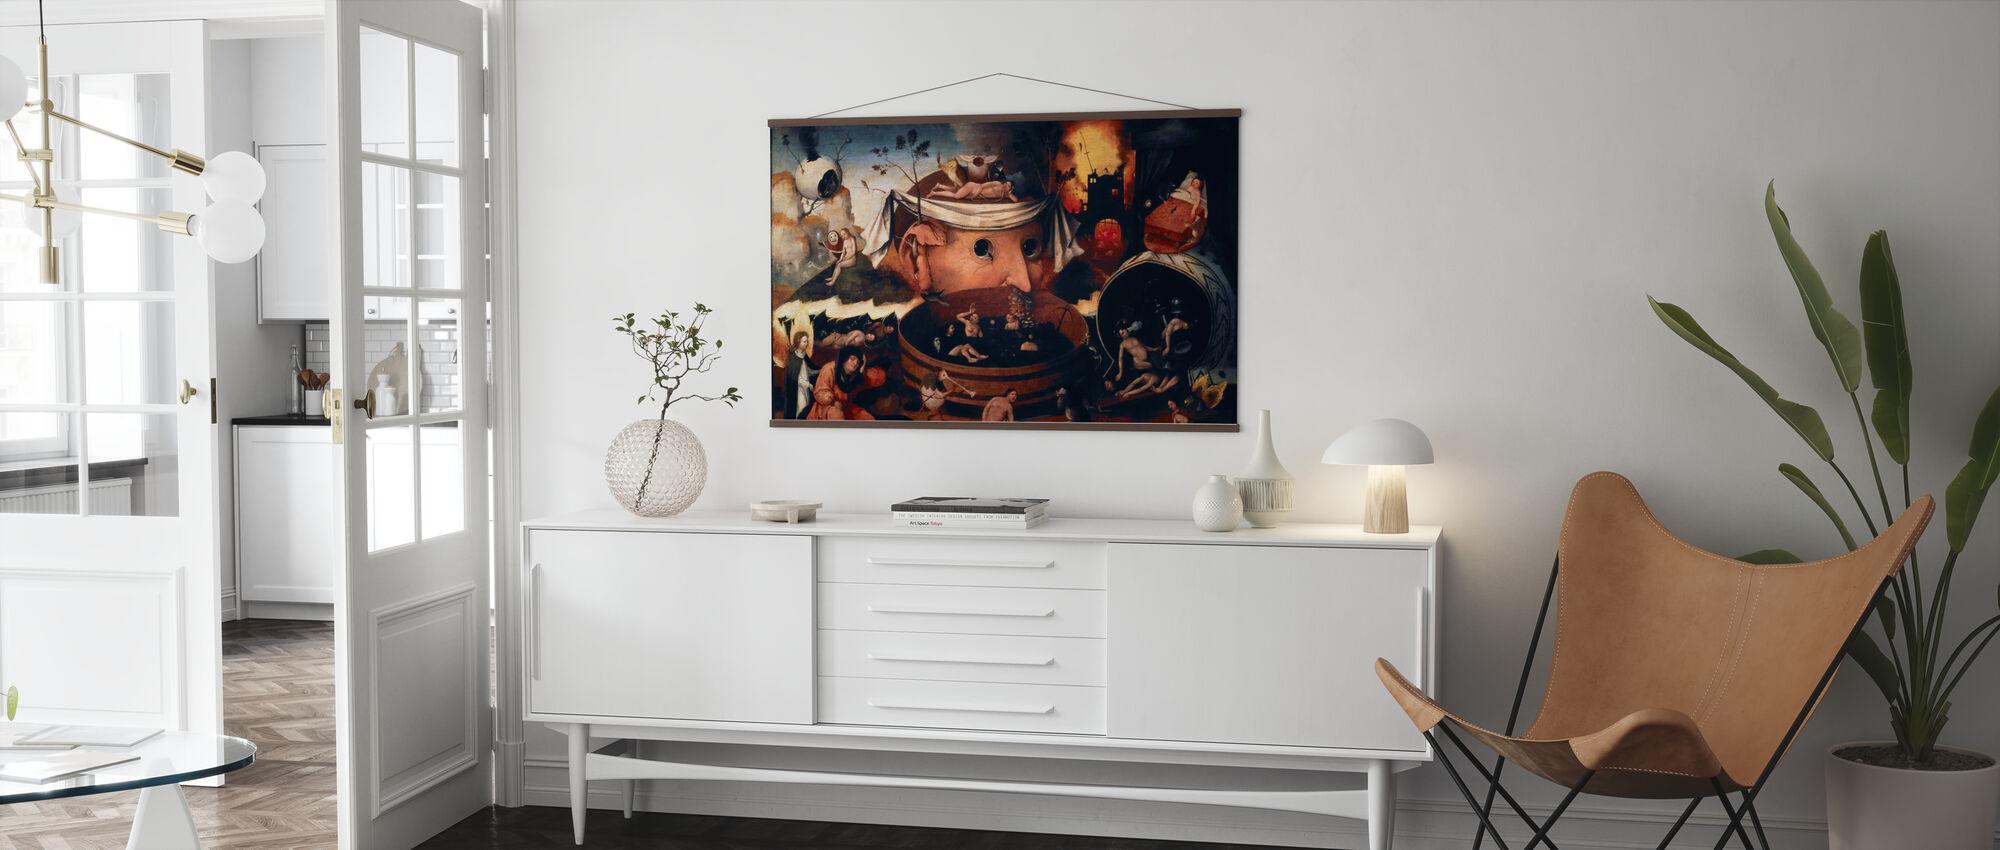 Vision von Tondal - Poster - Wohnzimmer